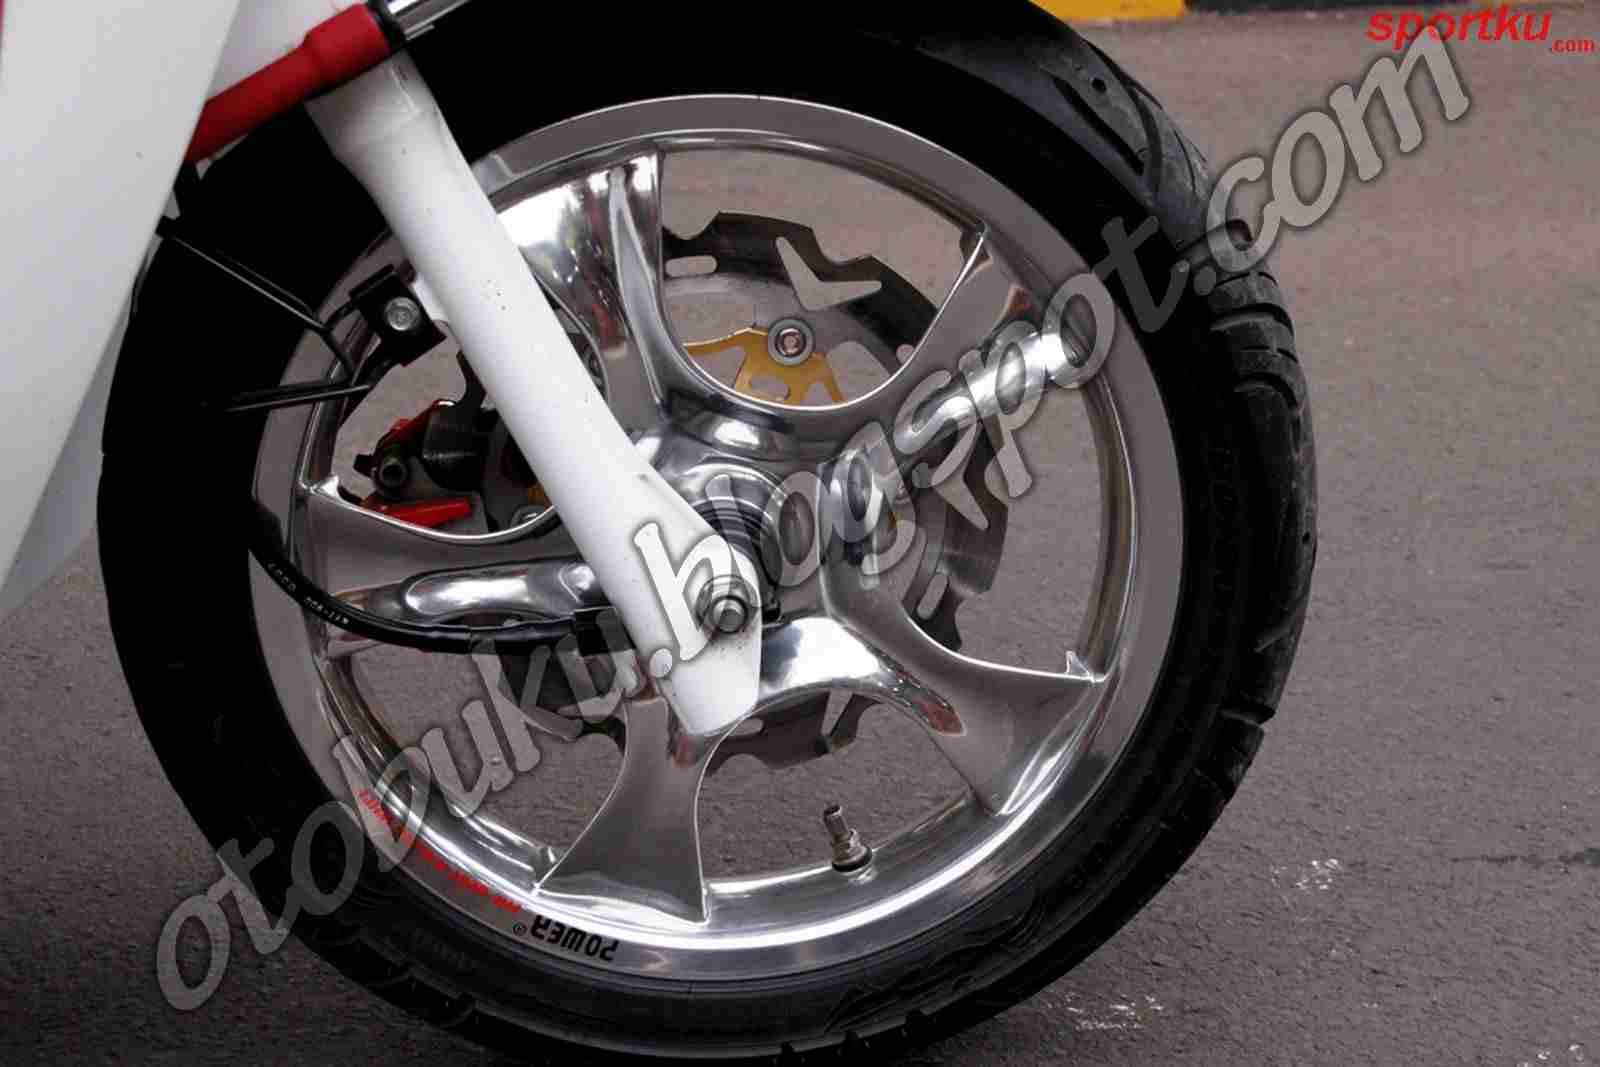 CHAOTIC Cara Modifikasi Motor Matic Lowrider Dan Daftar Harga Sperpat